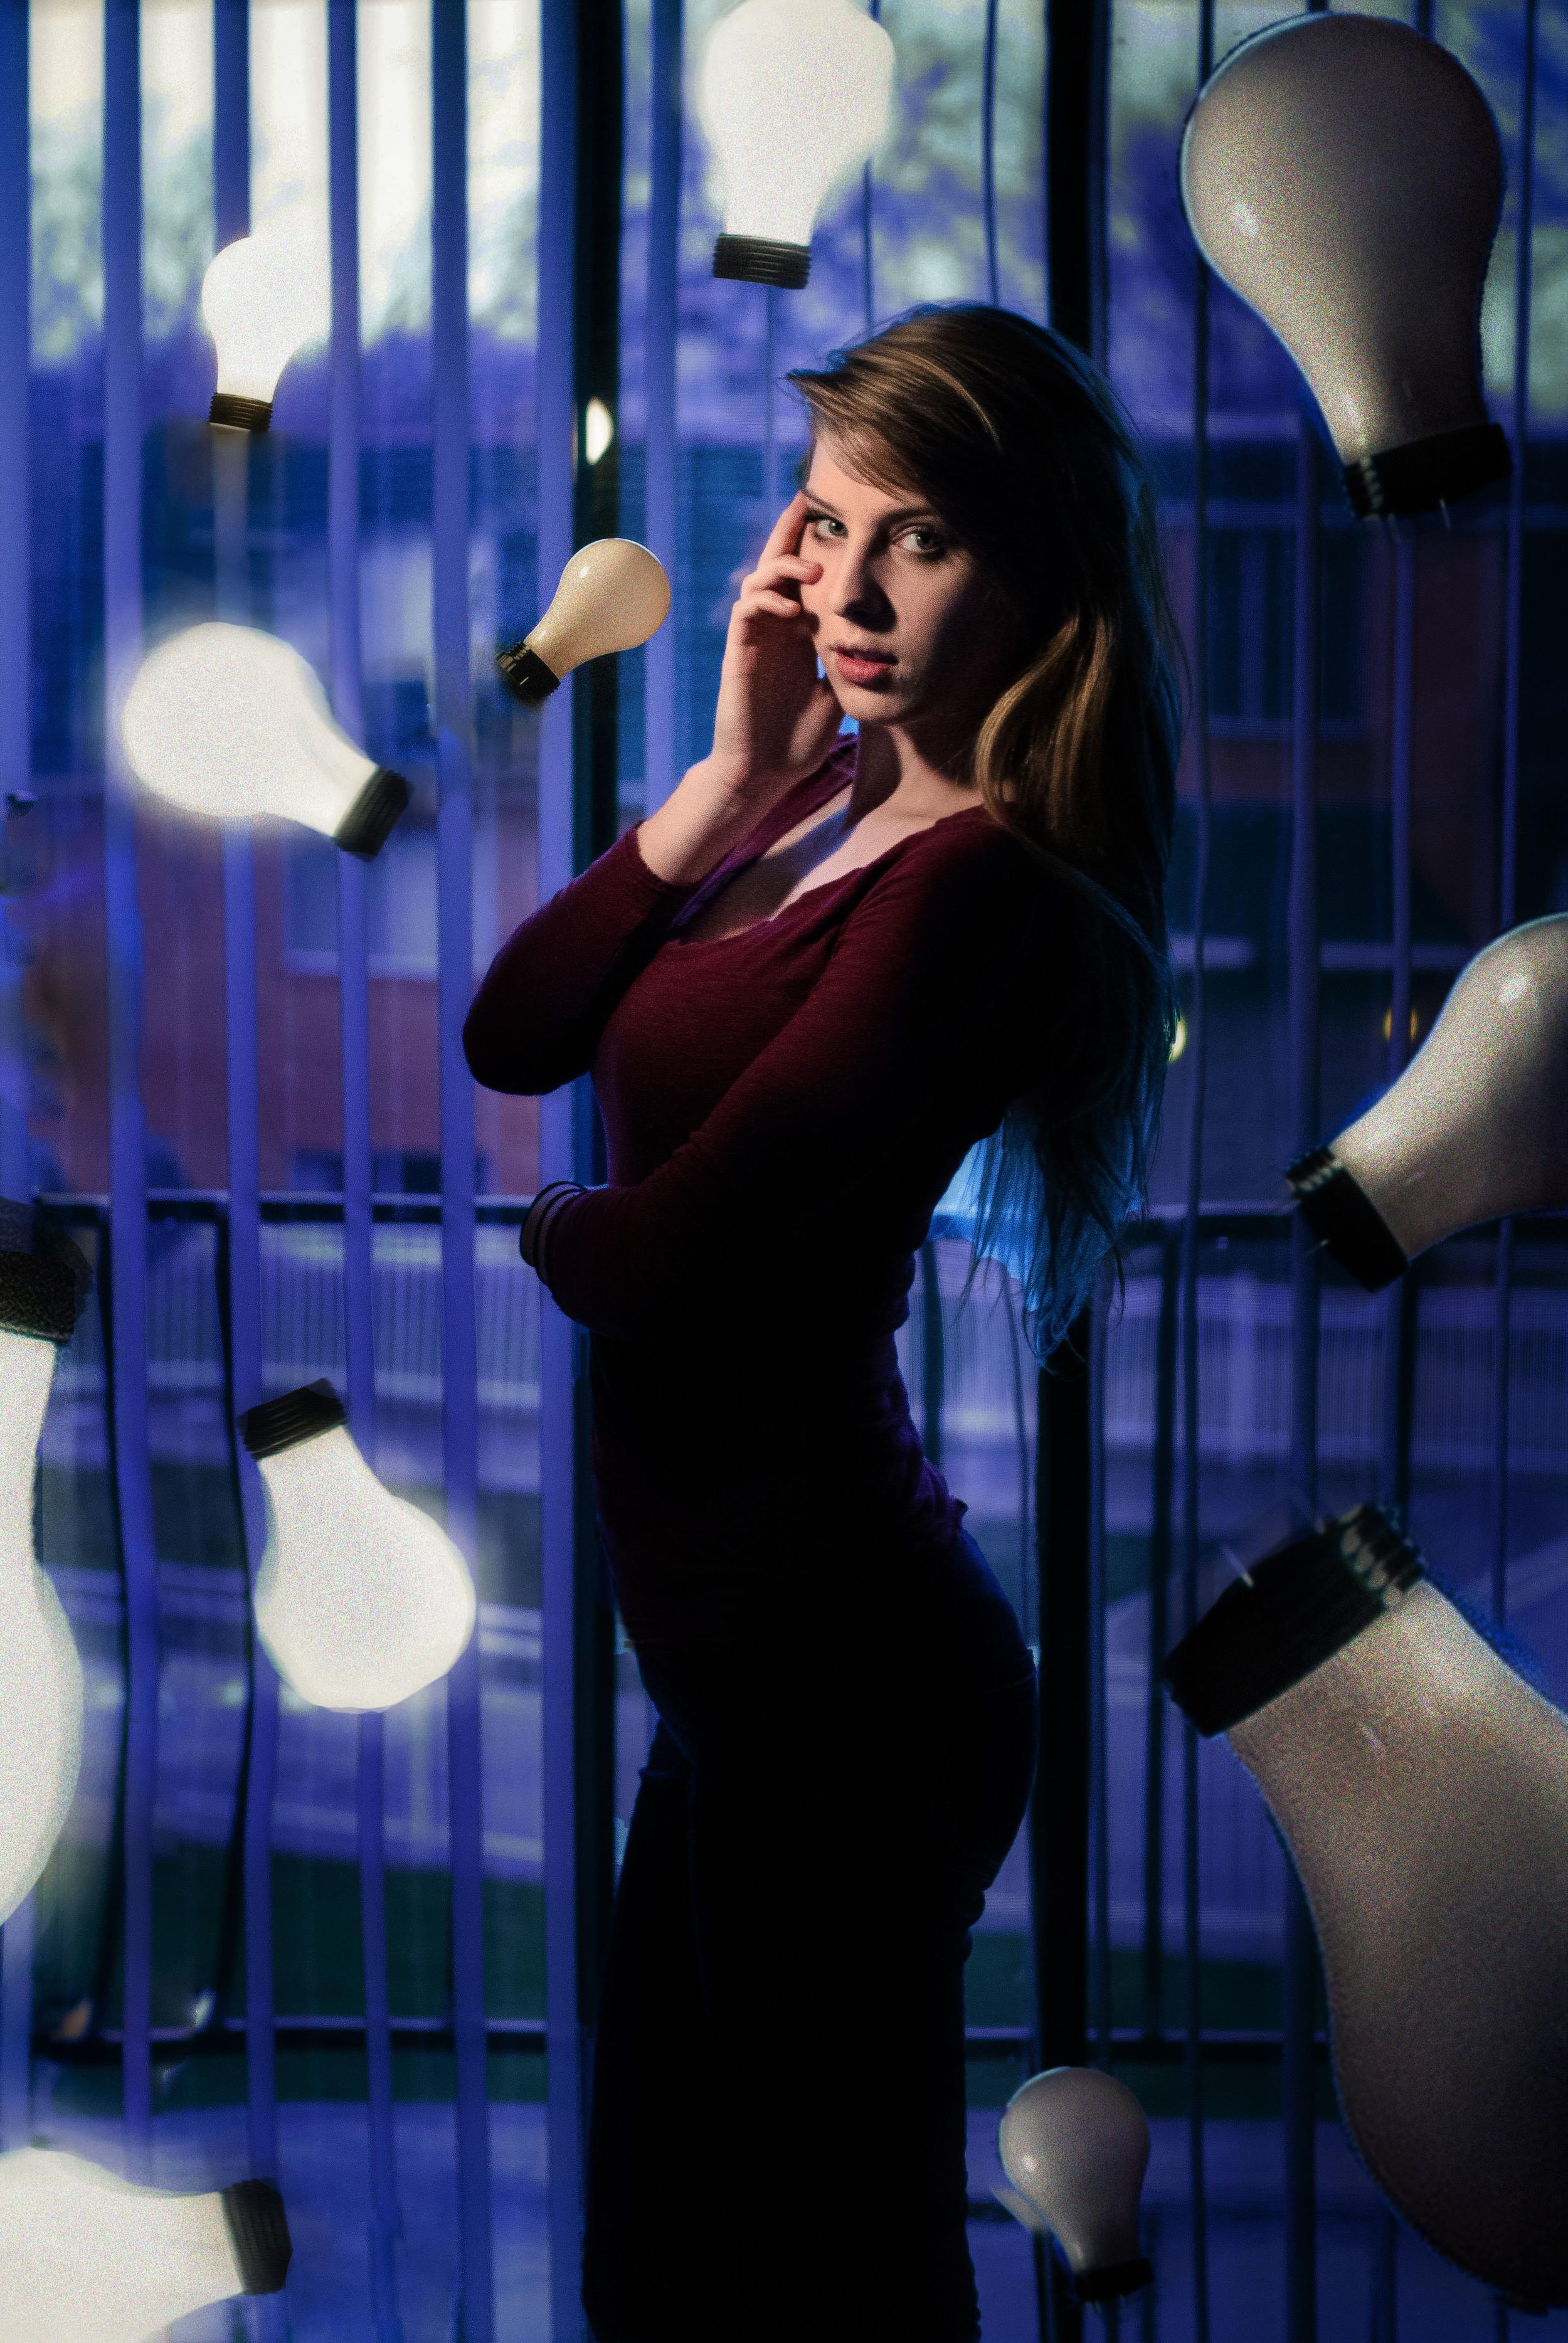 emily wilson photography light bulbs (7)_edited-1.jpg